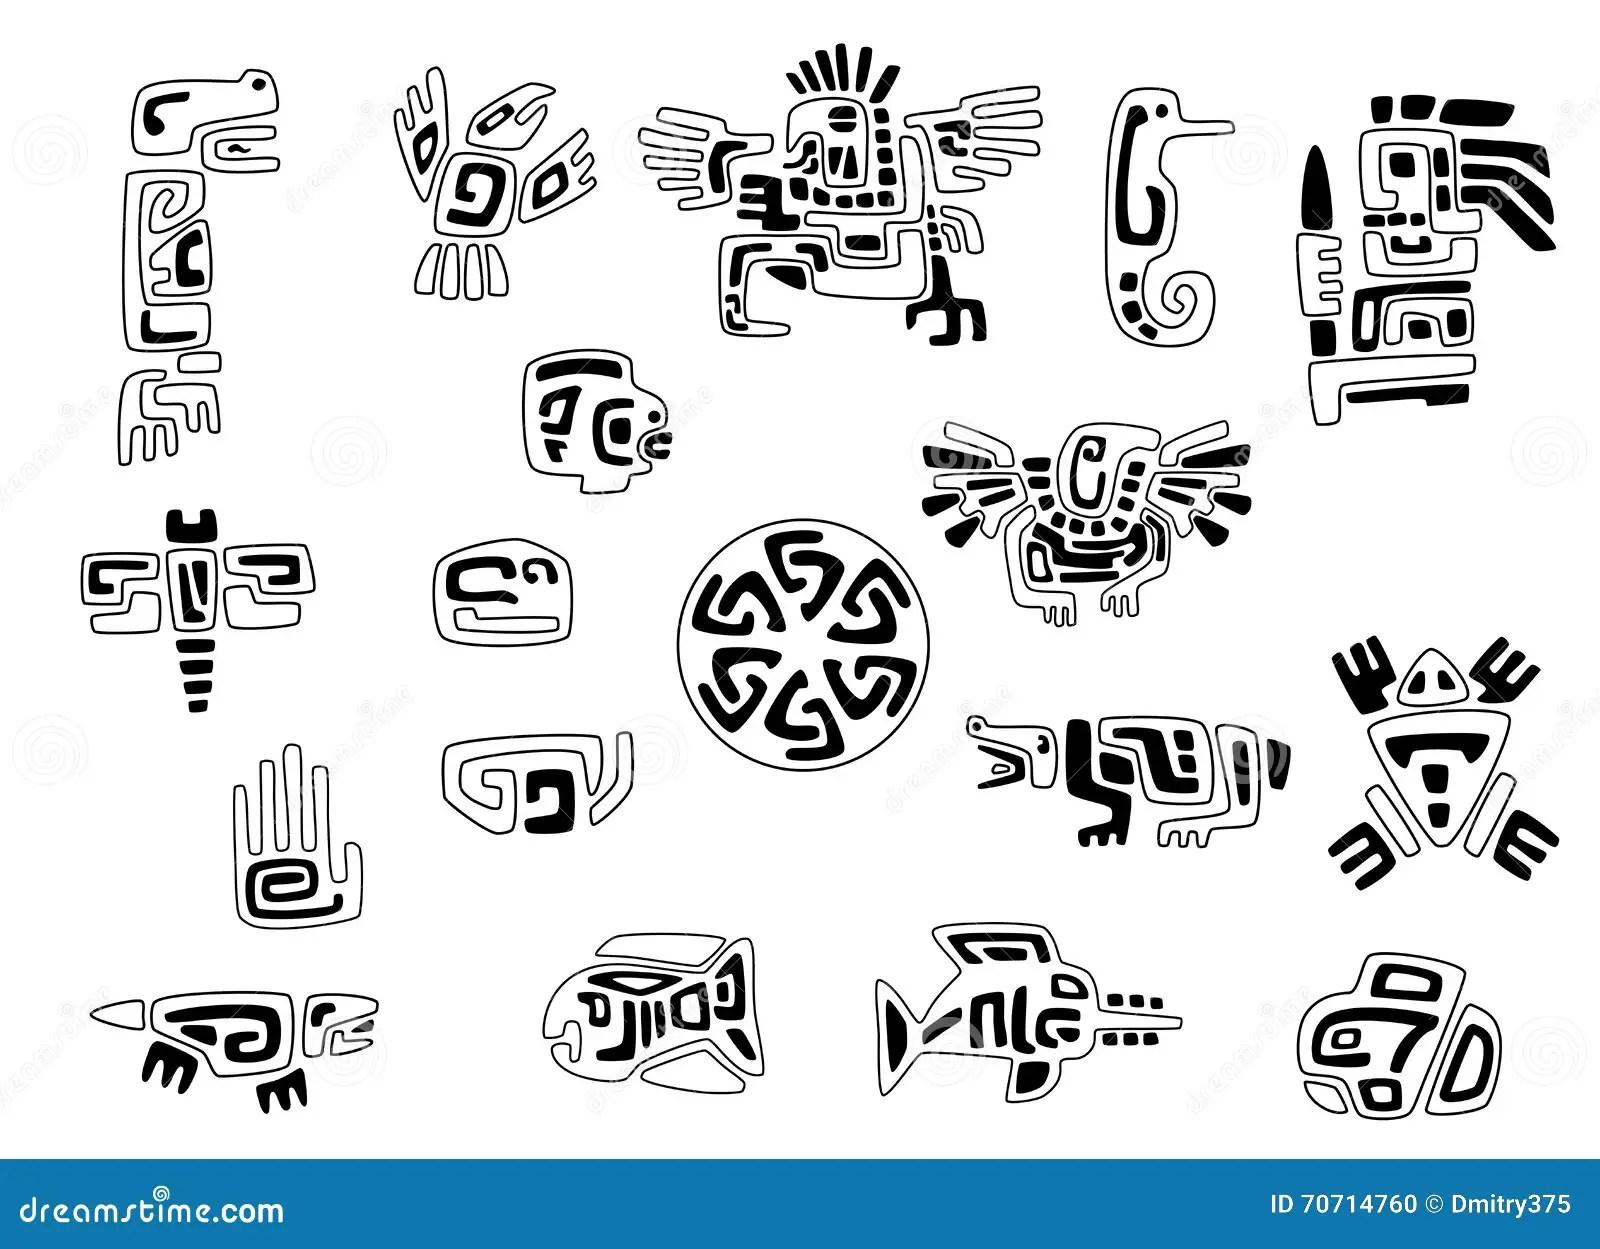 Insieme Dei Simboli Stilizzati Del Nativo Americano